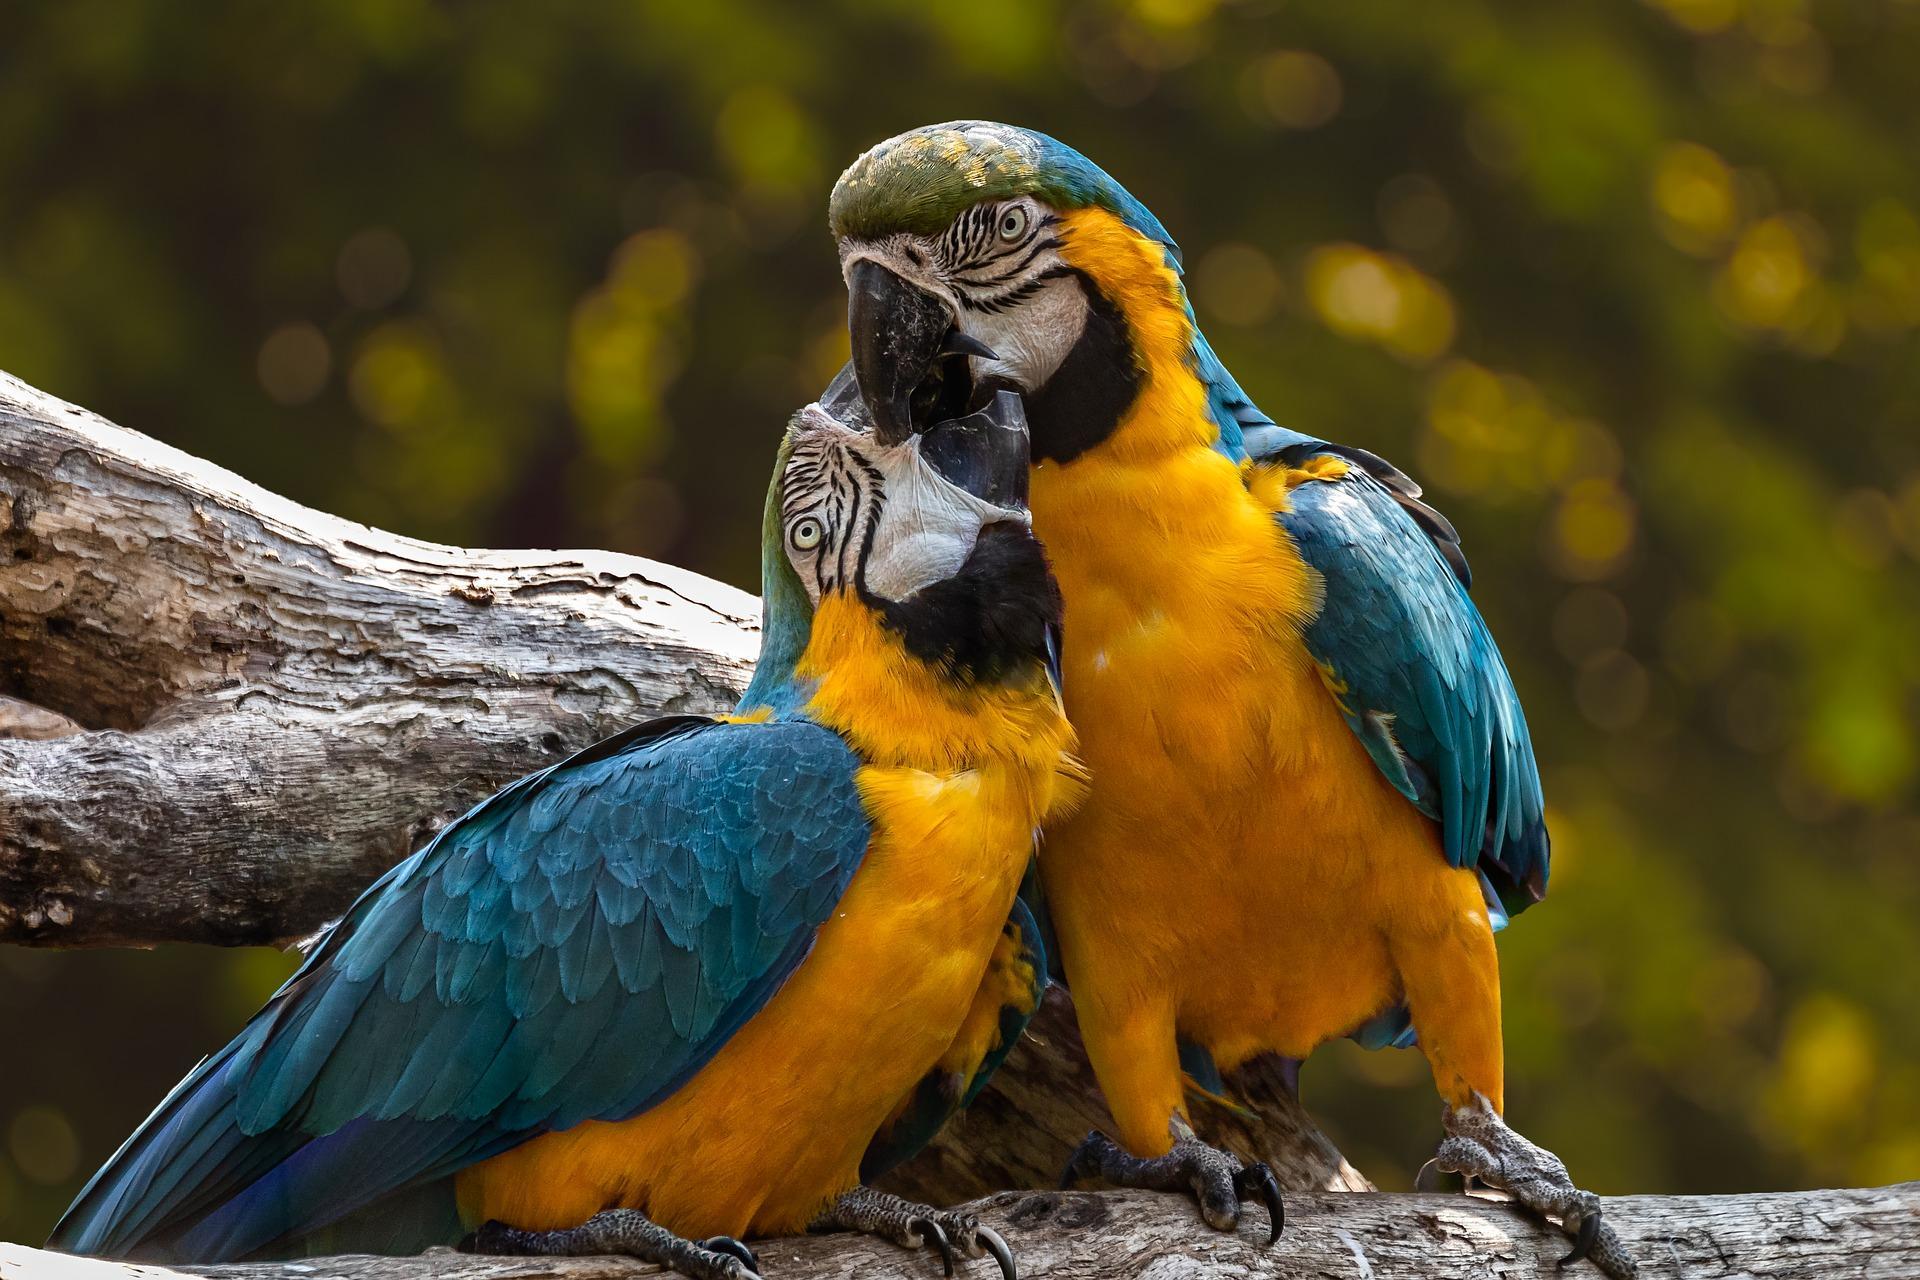 Parrots 3427188 1920